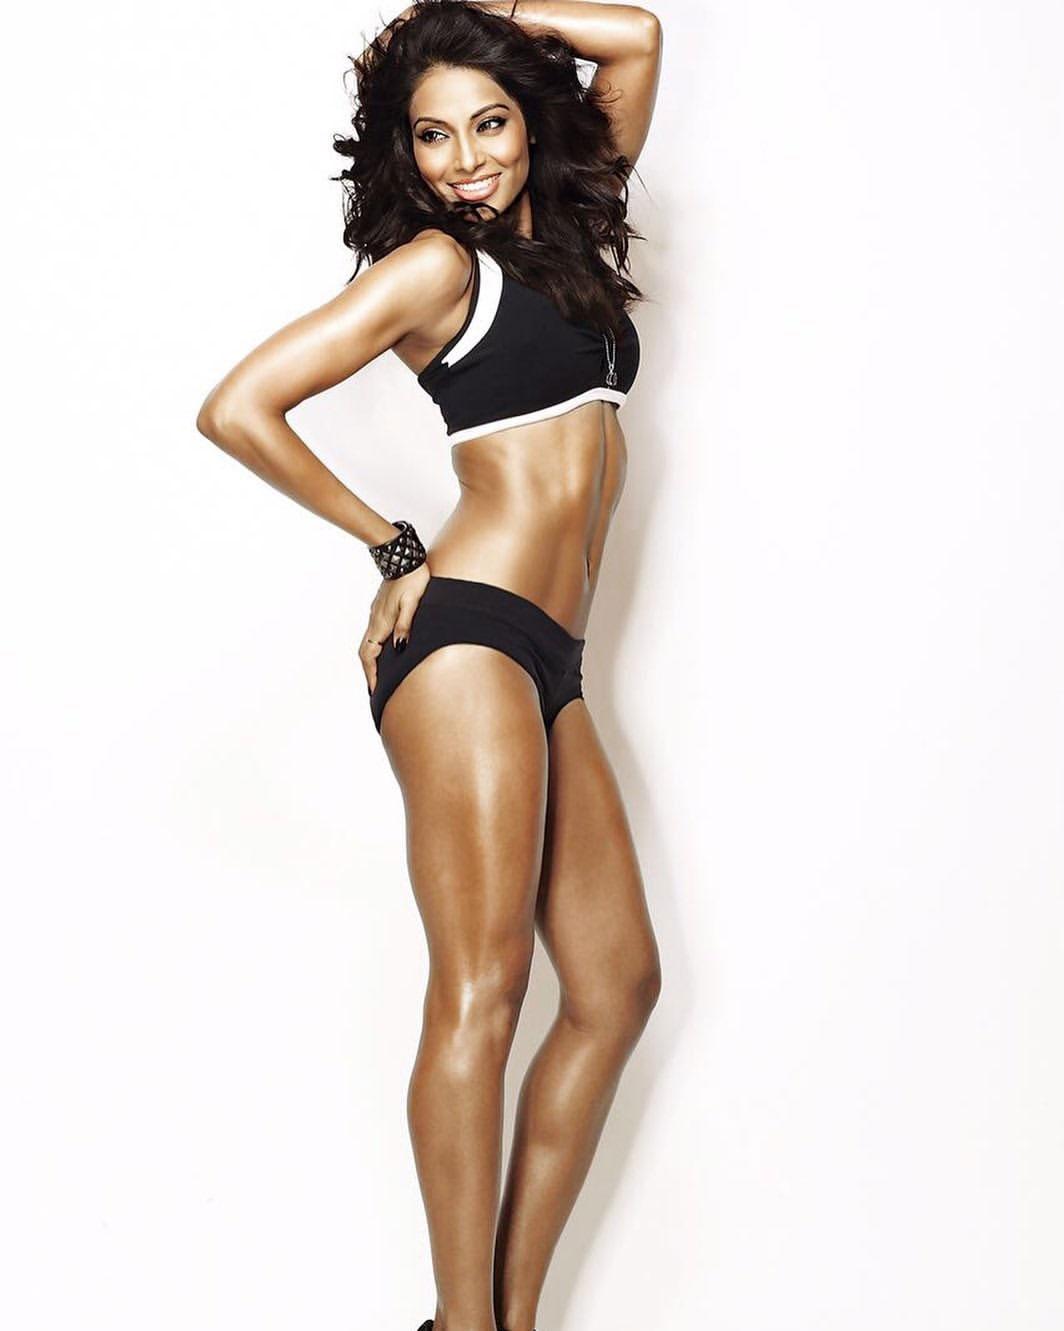 Bipasha Basu hot in black Bikini